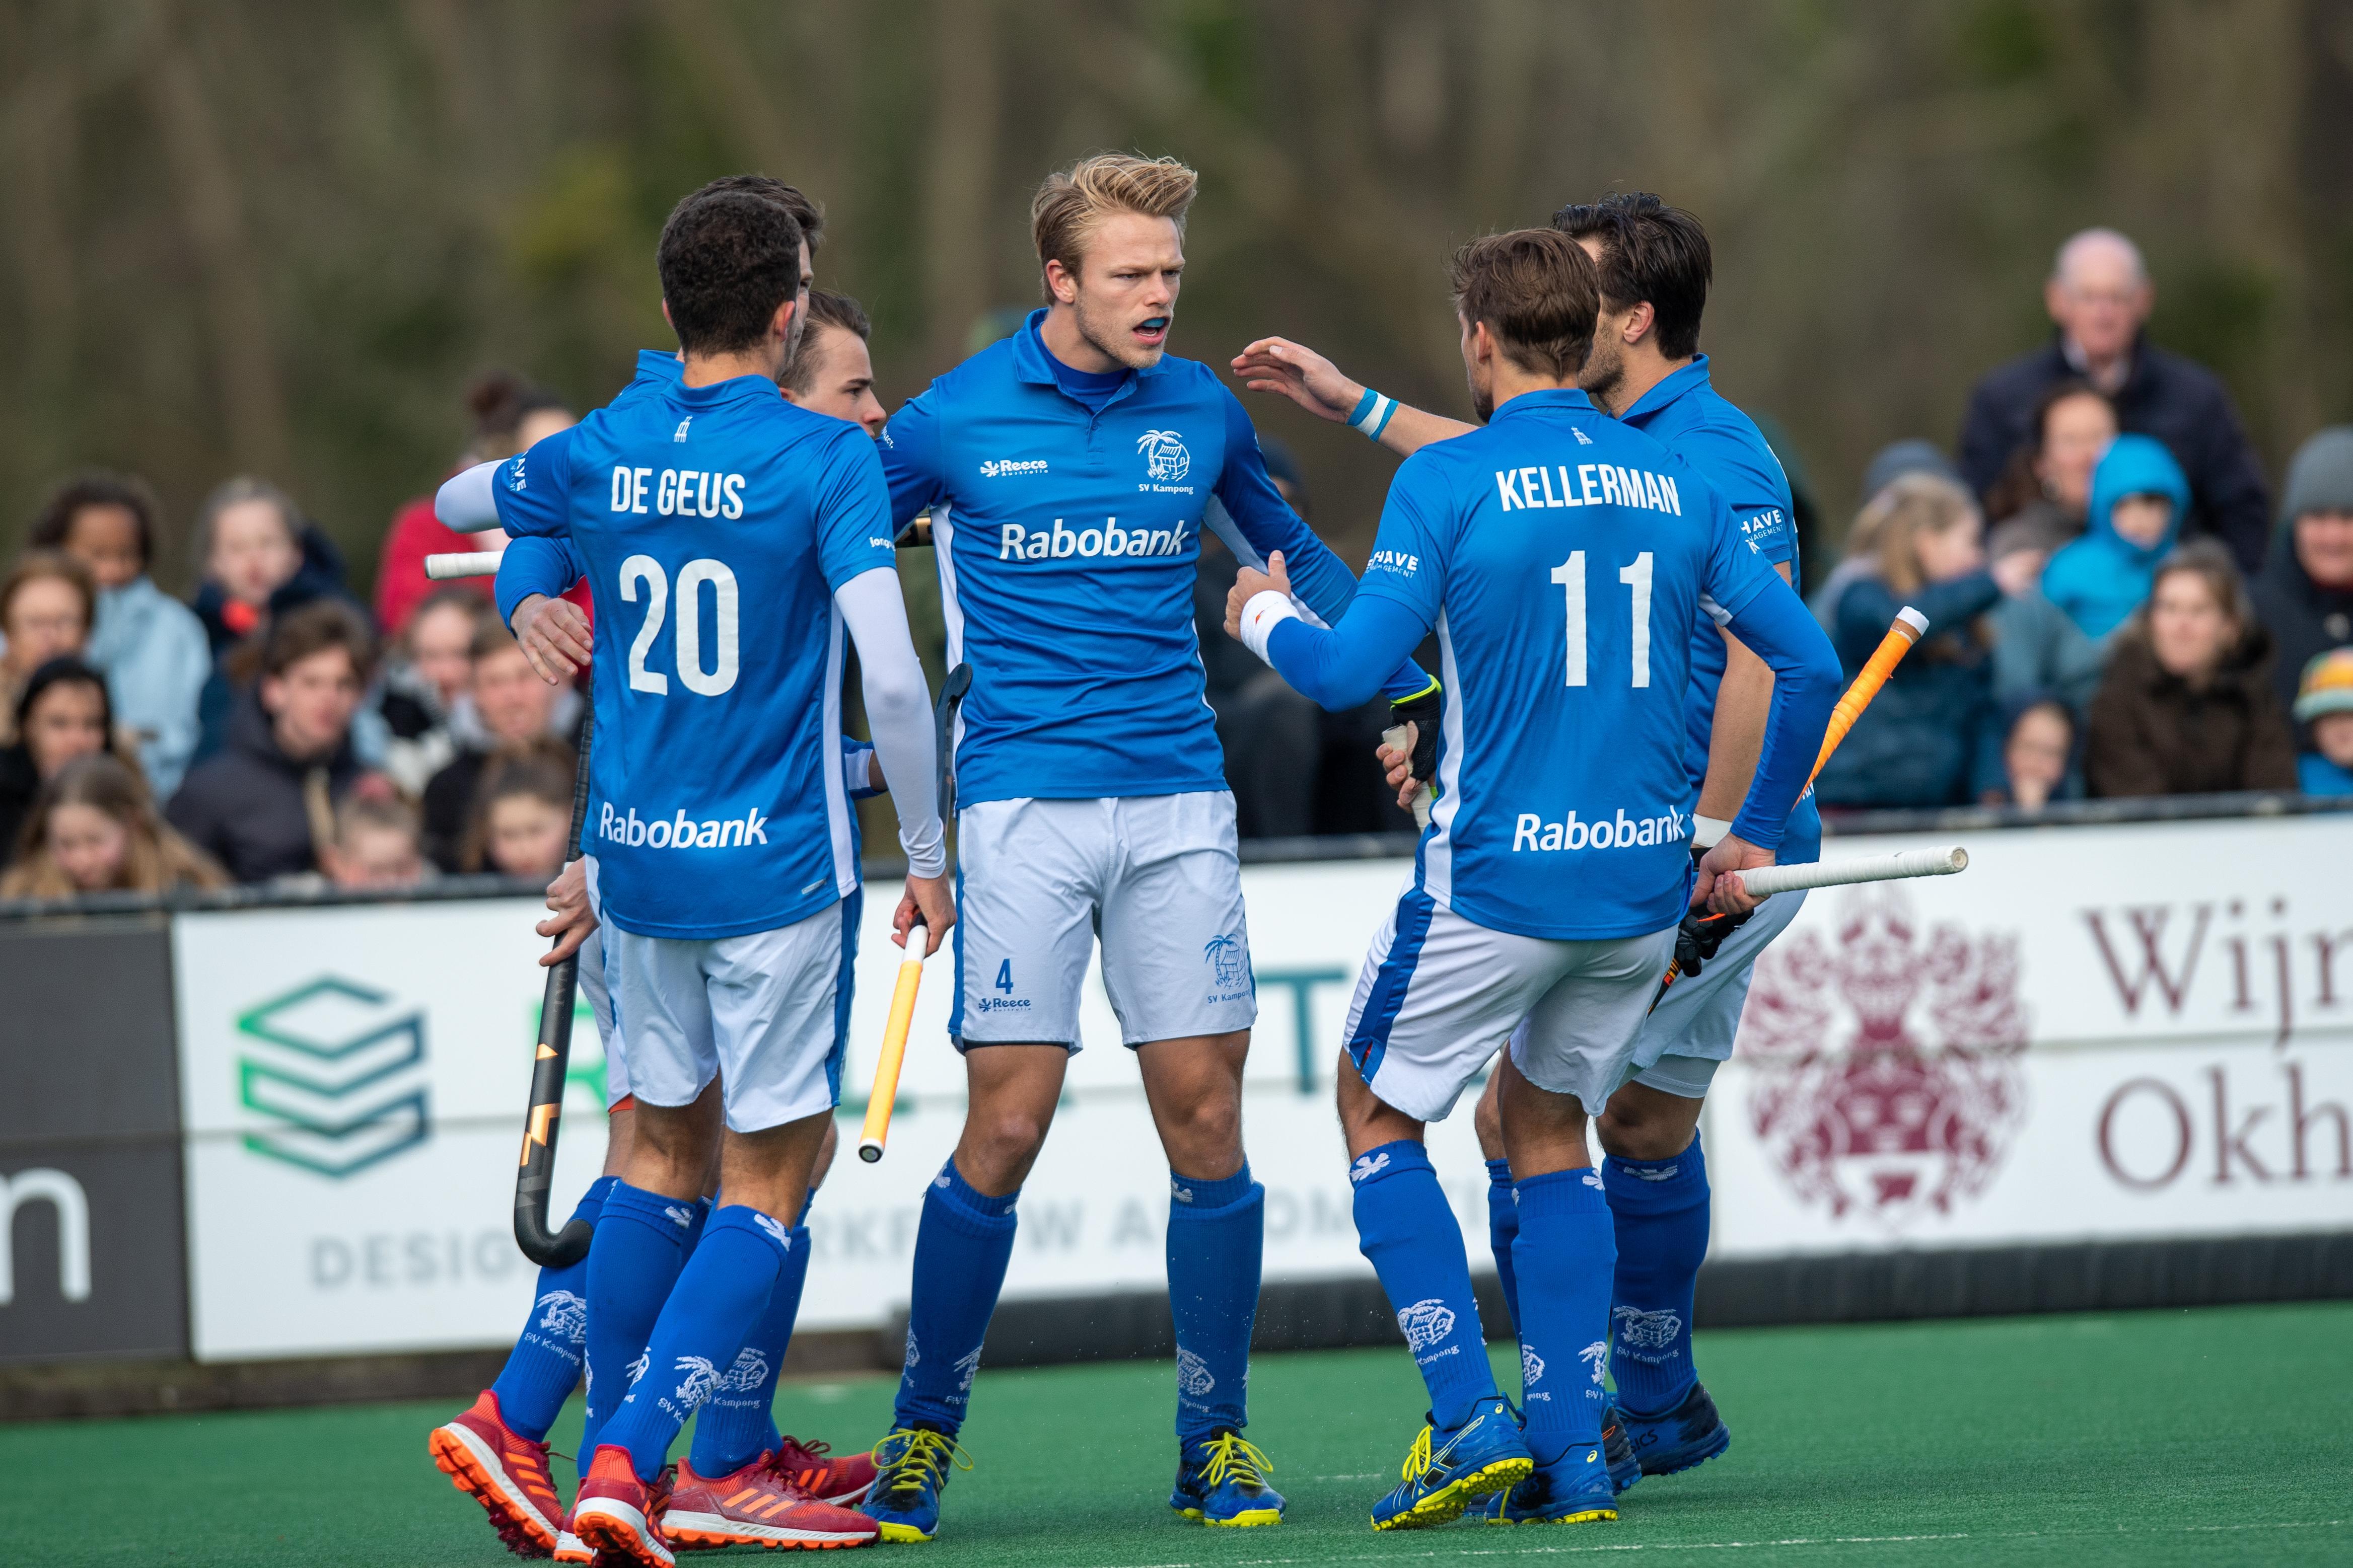 Hoe Jip Janssen de Kop van Jut werd: donderdagmiddag gaan Tilburg en Kampong op herhaling, de wedstrijd die de grootste hockeyrel in decennia veroorzaakte